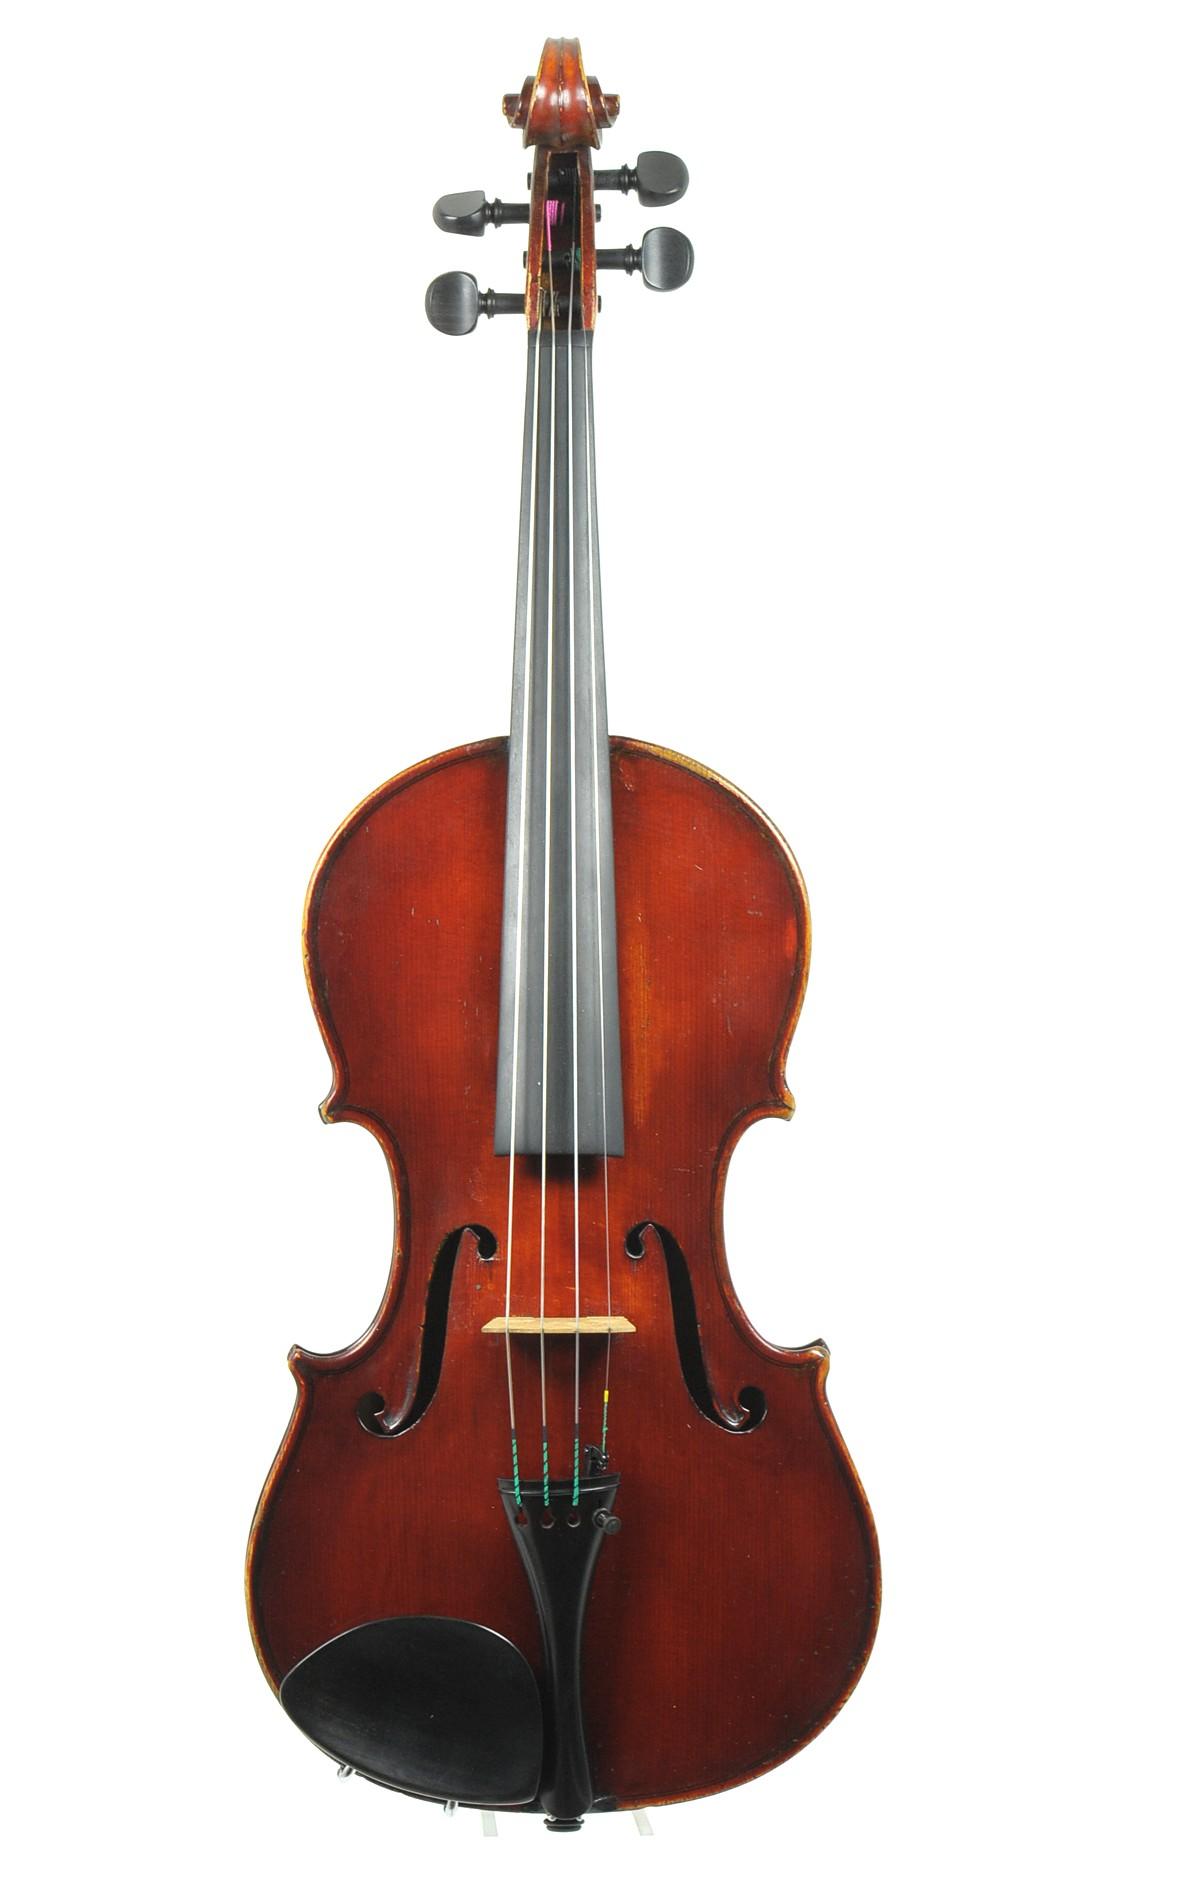 Italian violin, Officina Claudio Monteverdi, Cremona - top